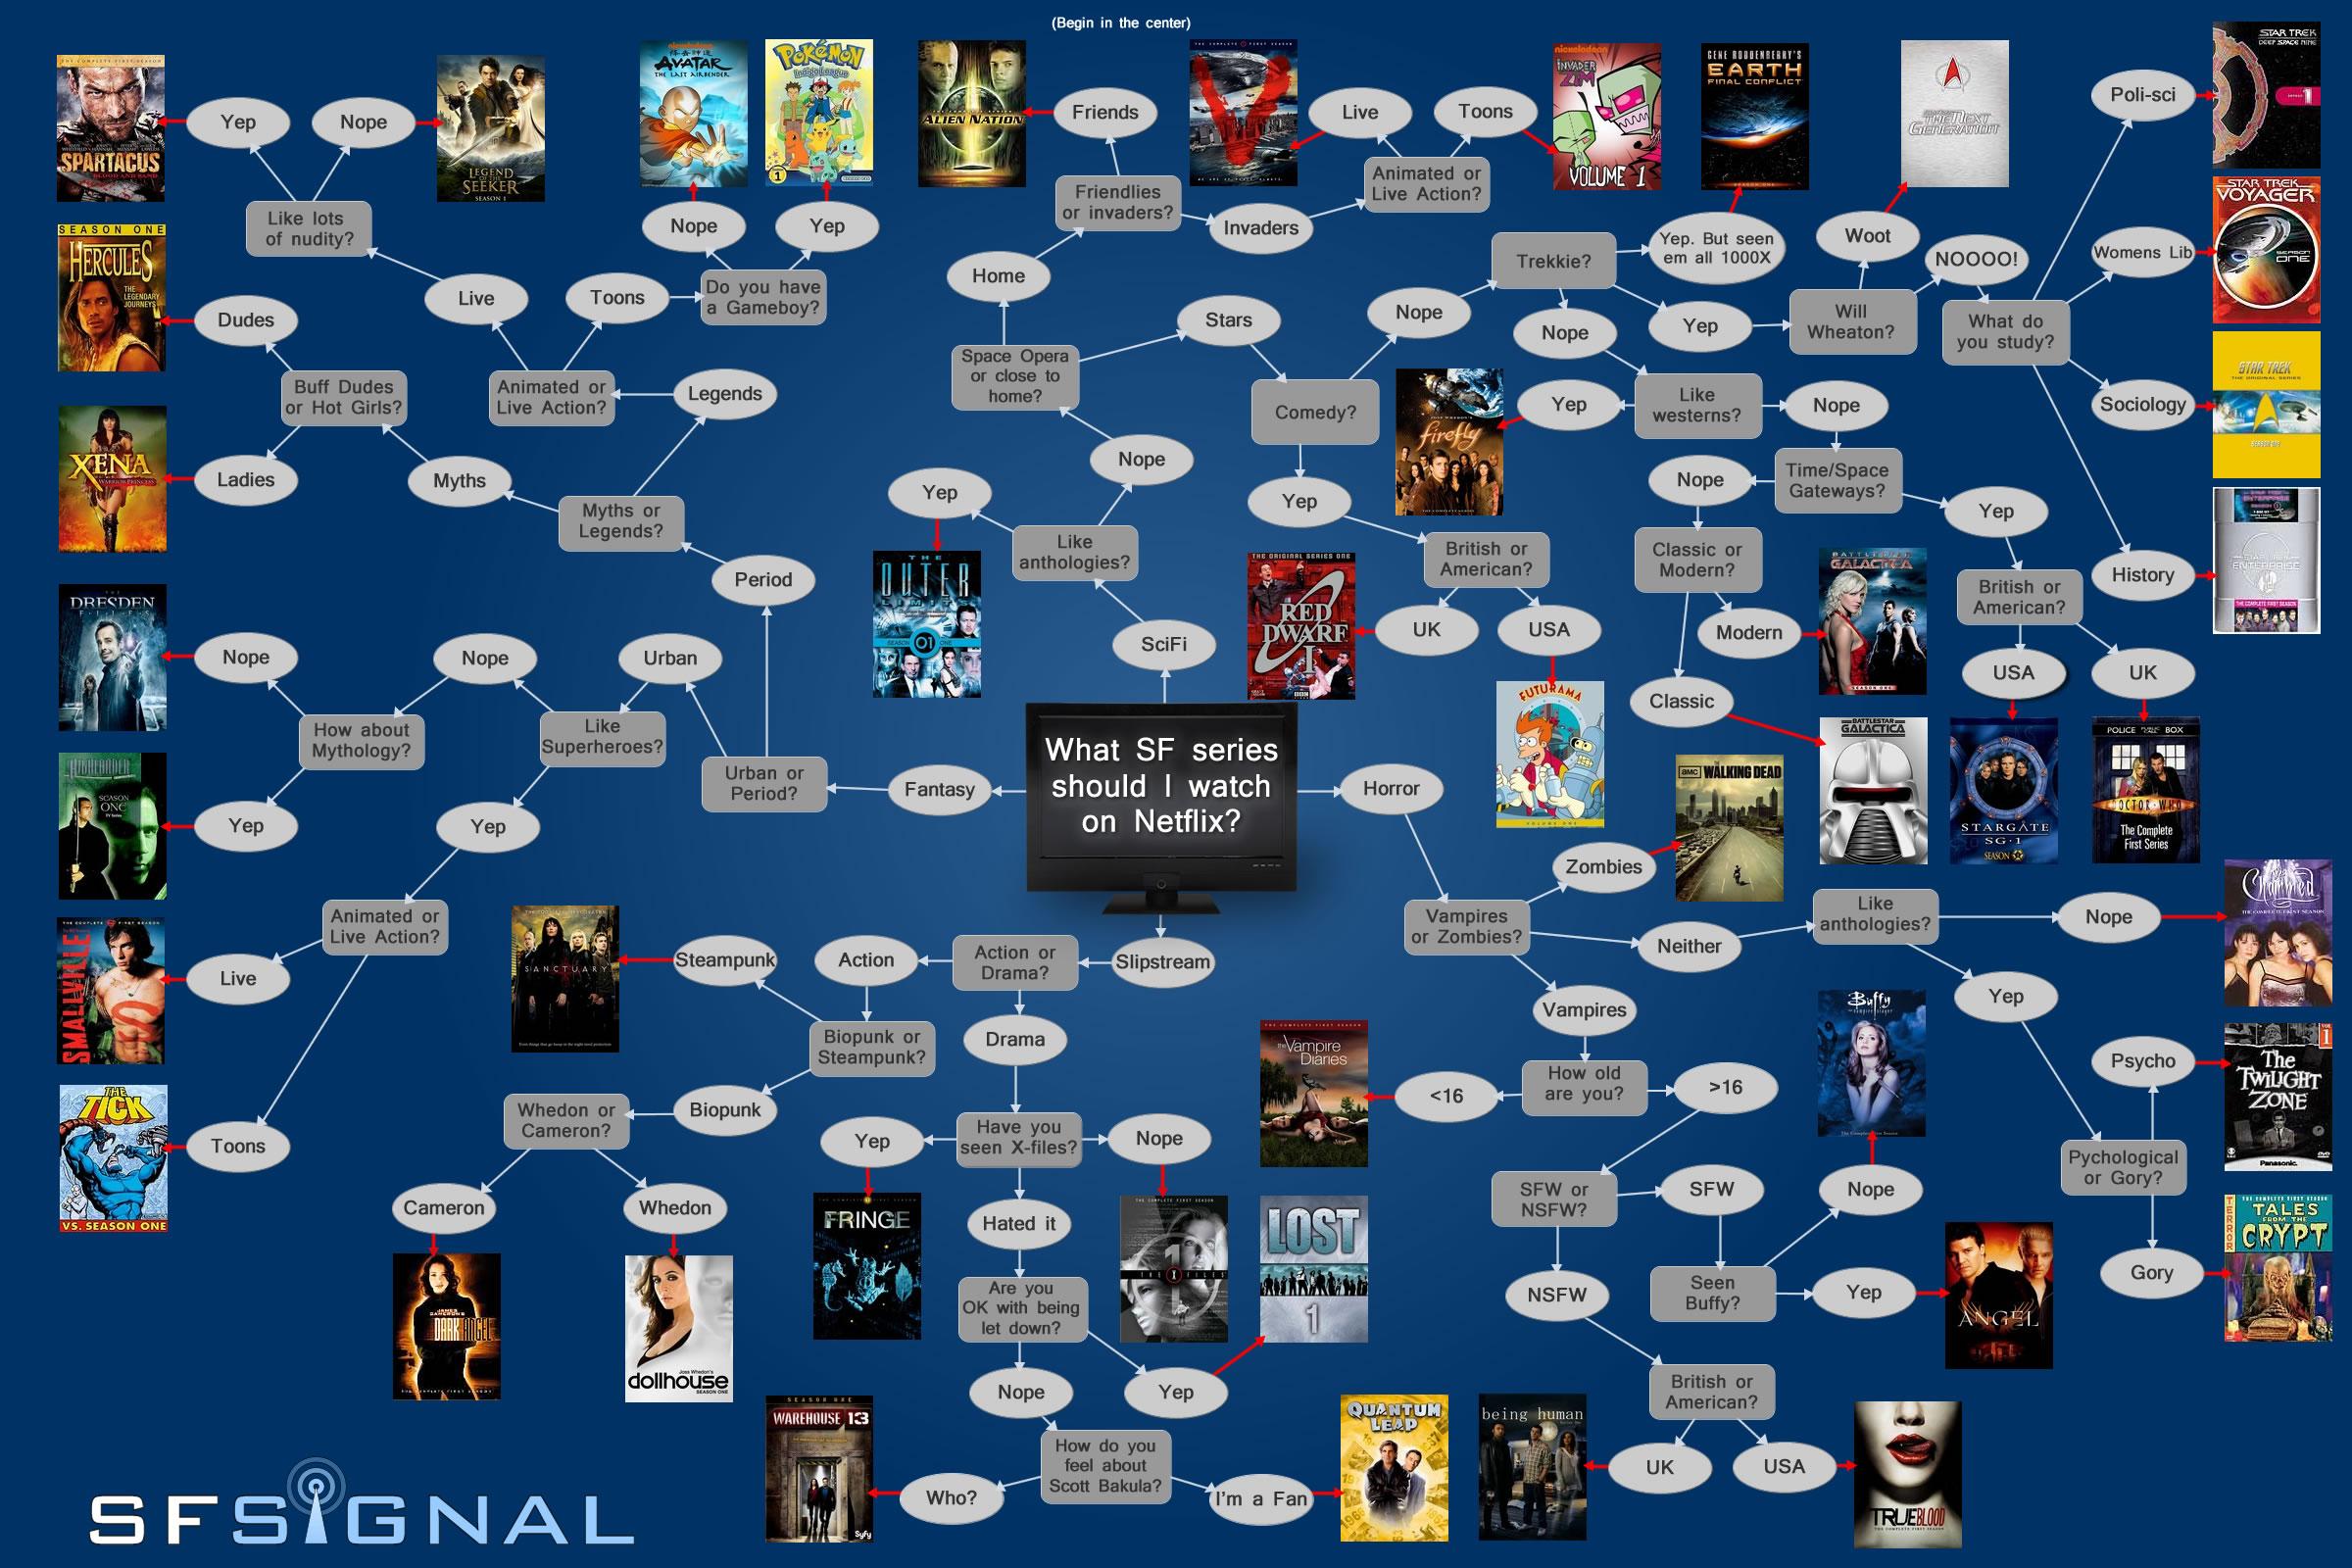 Hur man ska veta vad för sci-fi serie man ska se